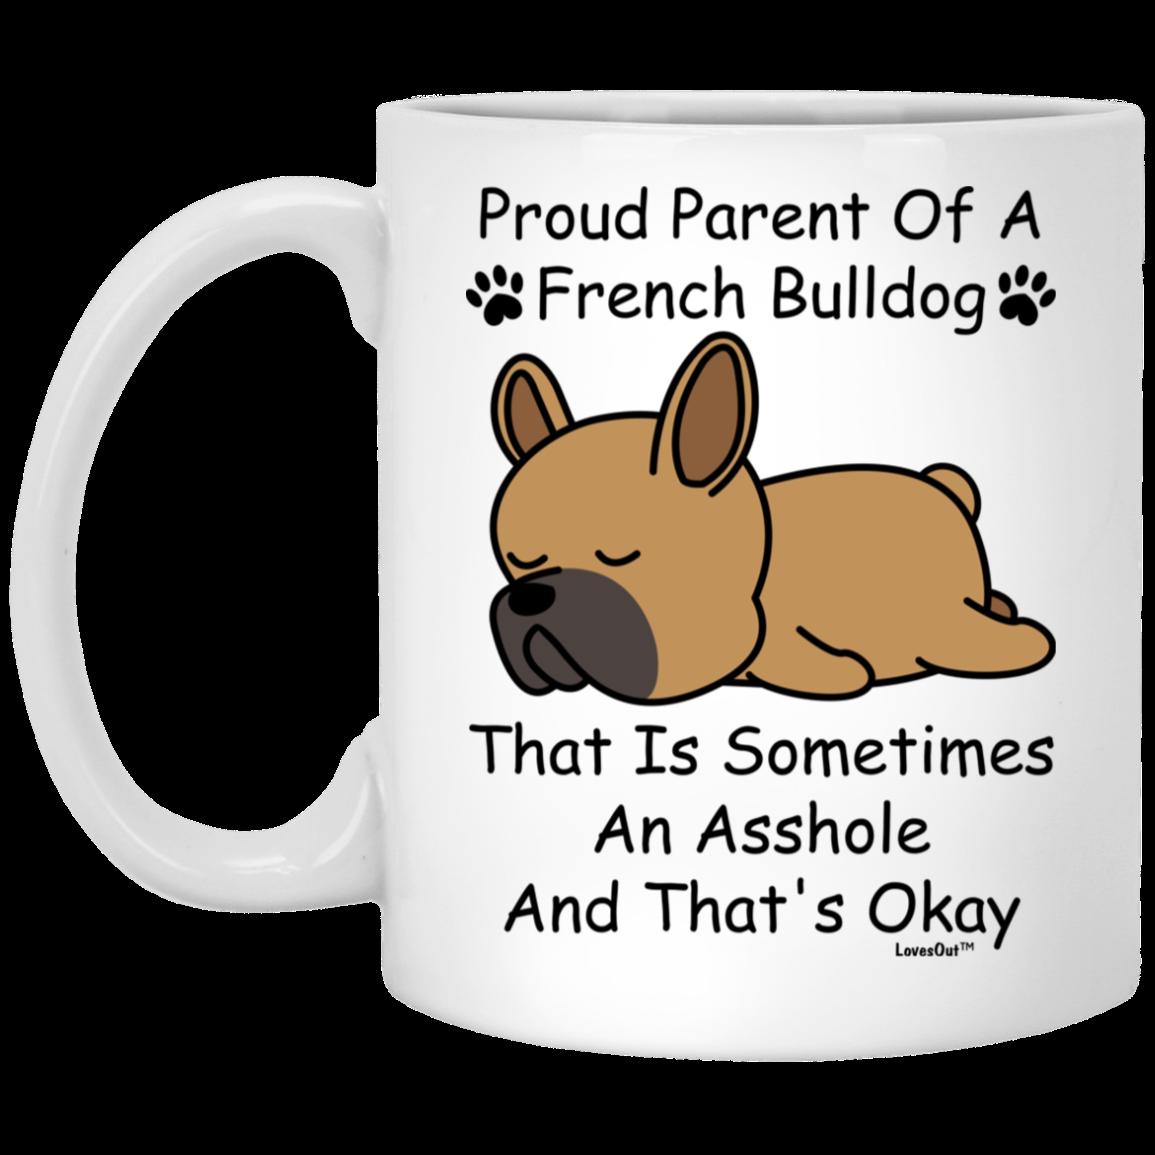 French Bulldog Parent 1 Gift For Dog Mom Coffee Mug Dog